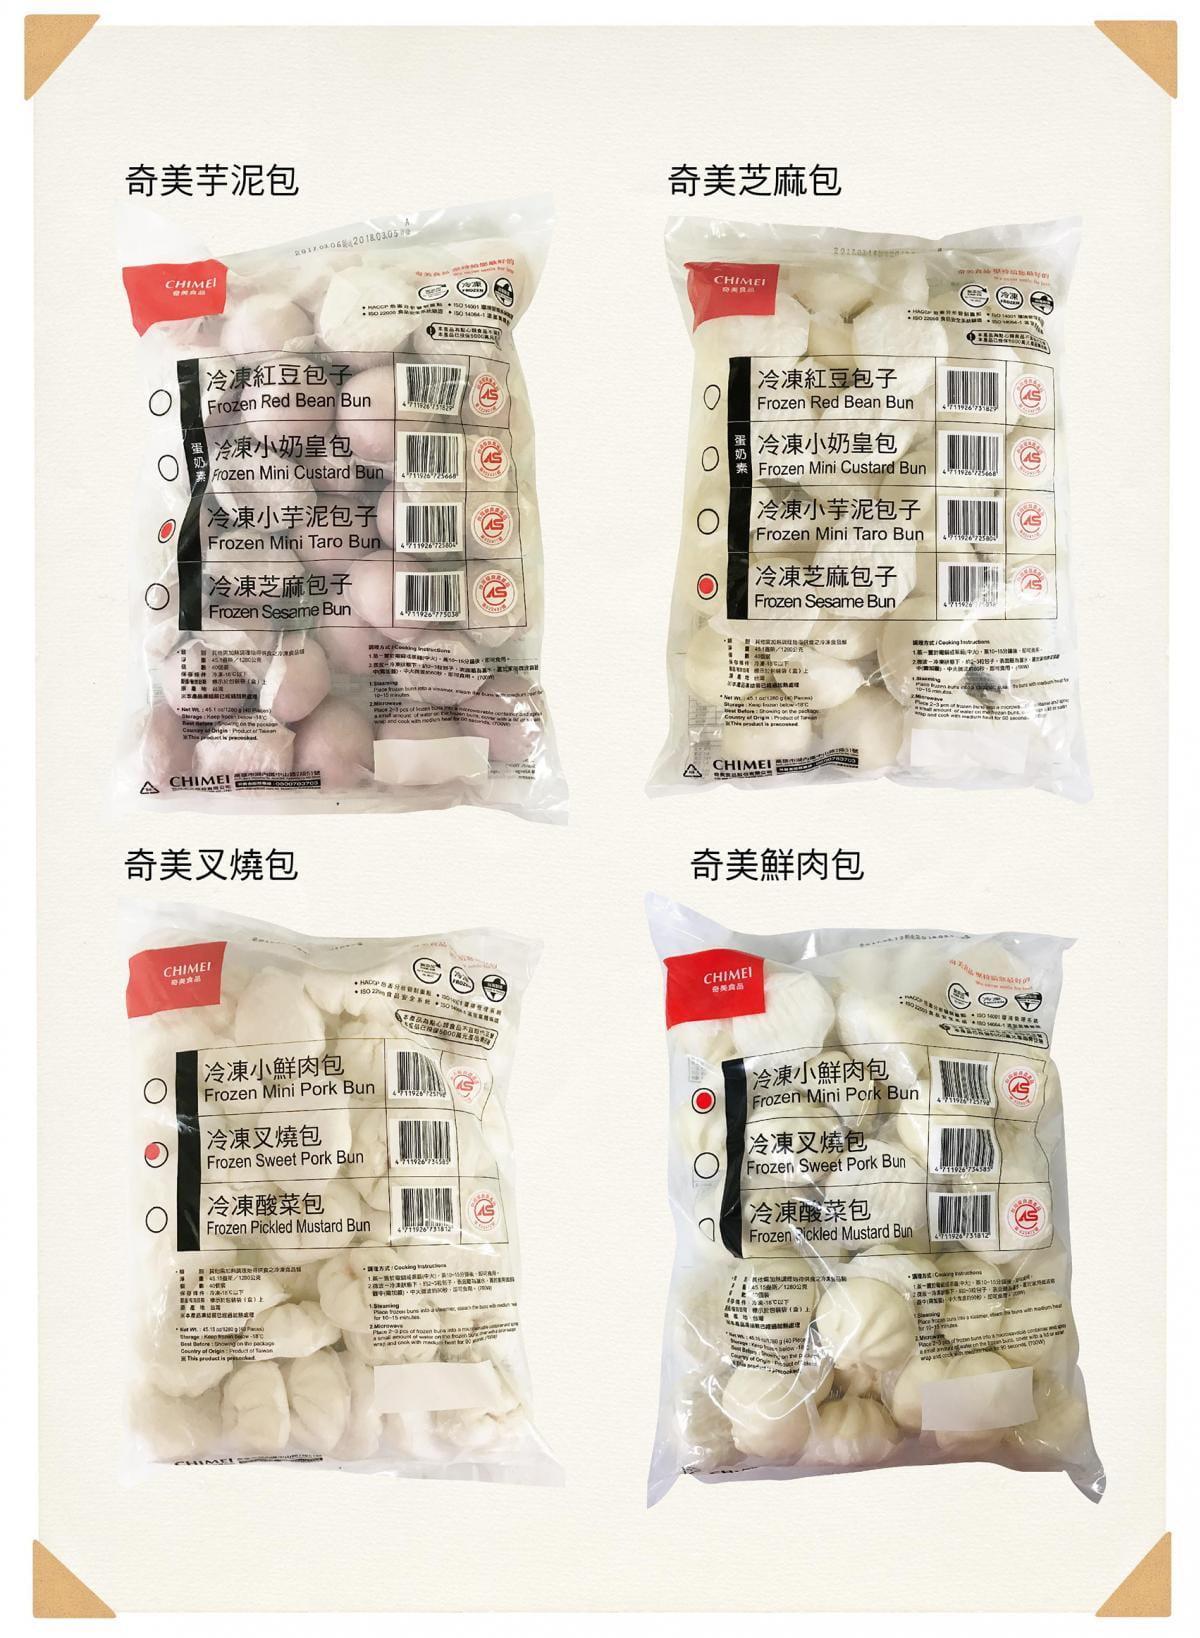 【奇美】冷凍小包子(32g*40粒/包) 6